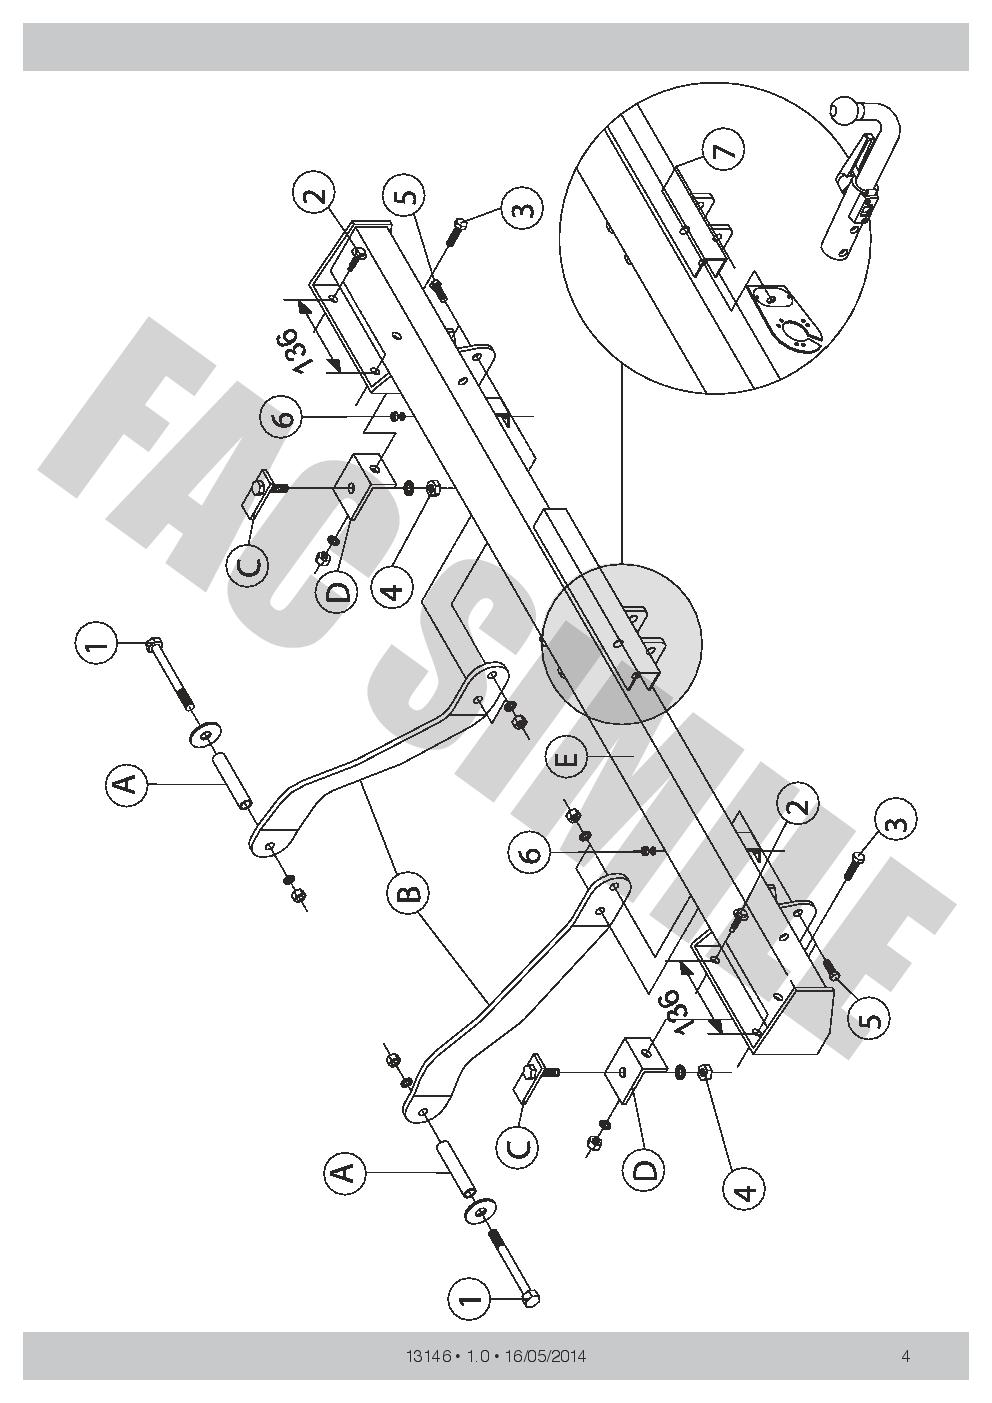 Bola de Remolque Desmont Kit C2 13 pin para Fiat DUCATO VAN 2011 New 13146/_A4